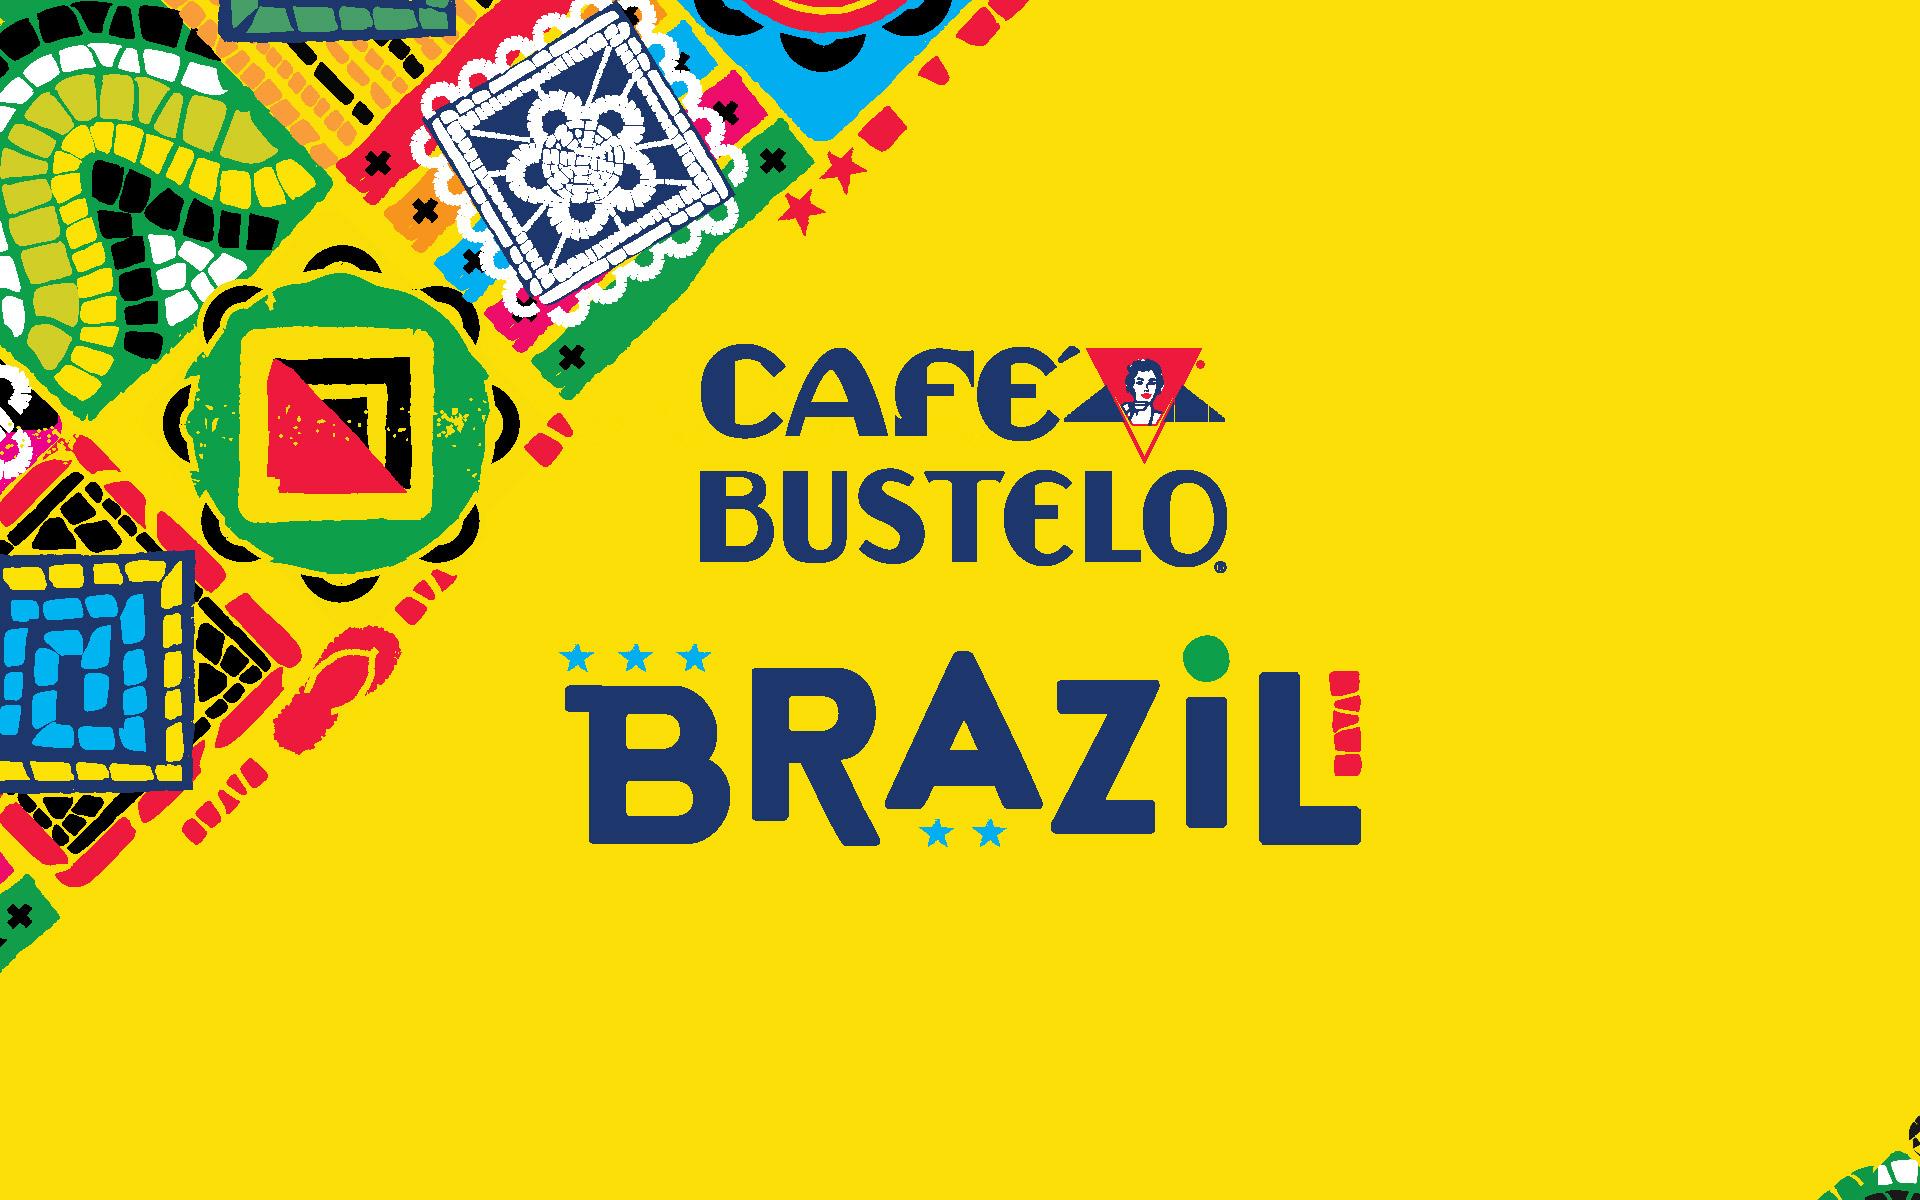 Cafe Bustelo Brazil  - Brand Identity